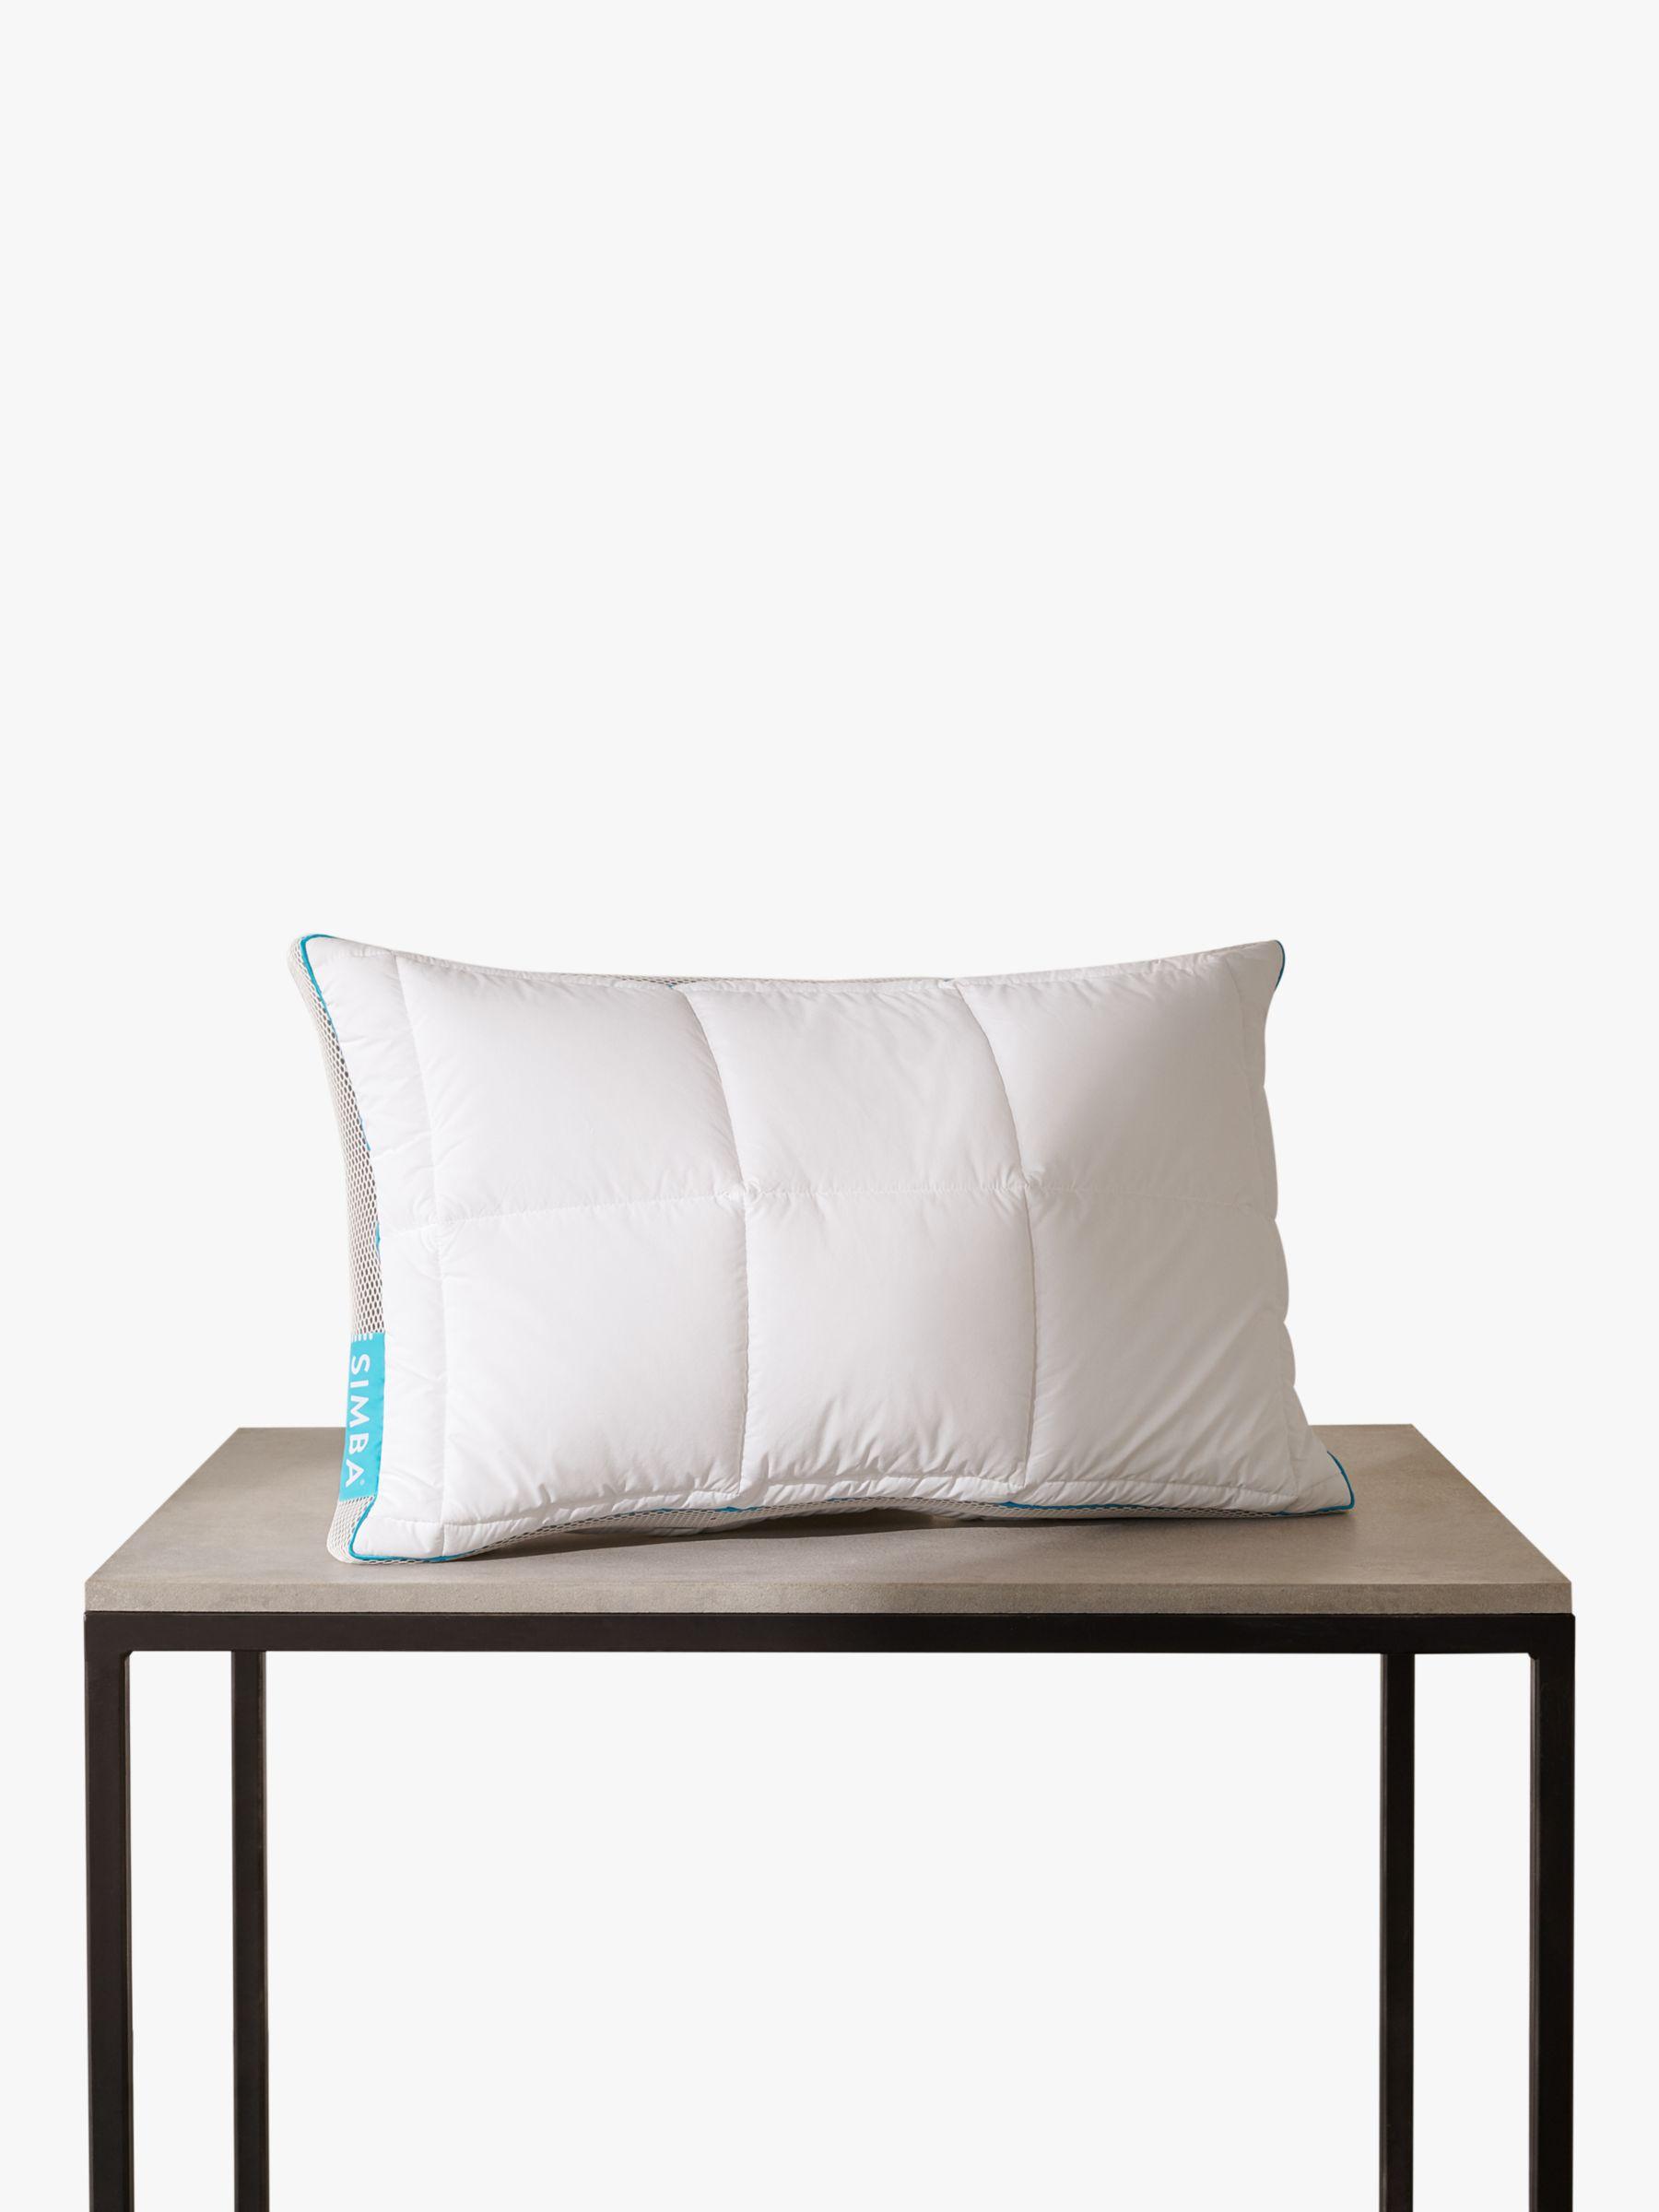 Simba SIMBA Hybrid®️ Standard Pillow